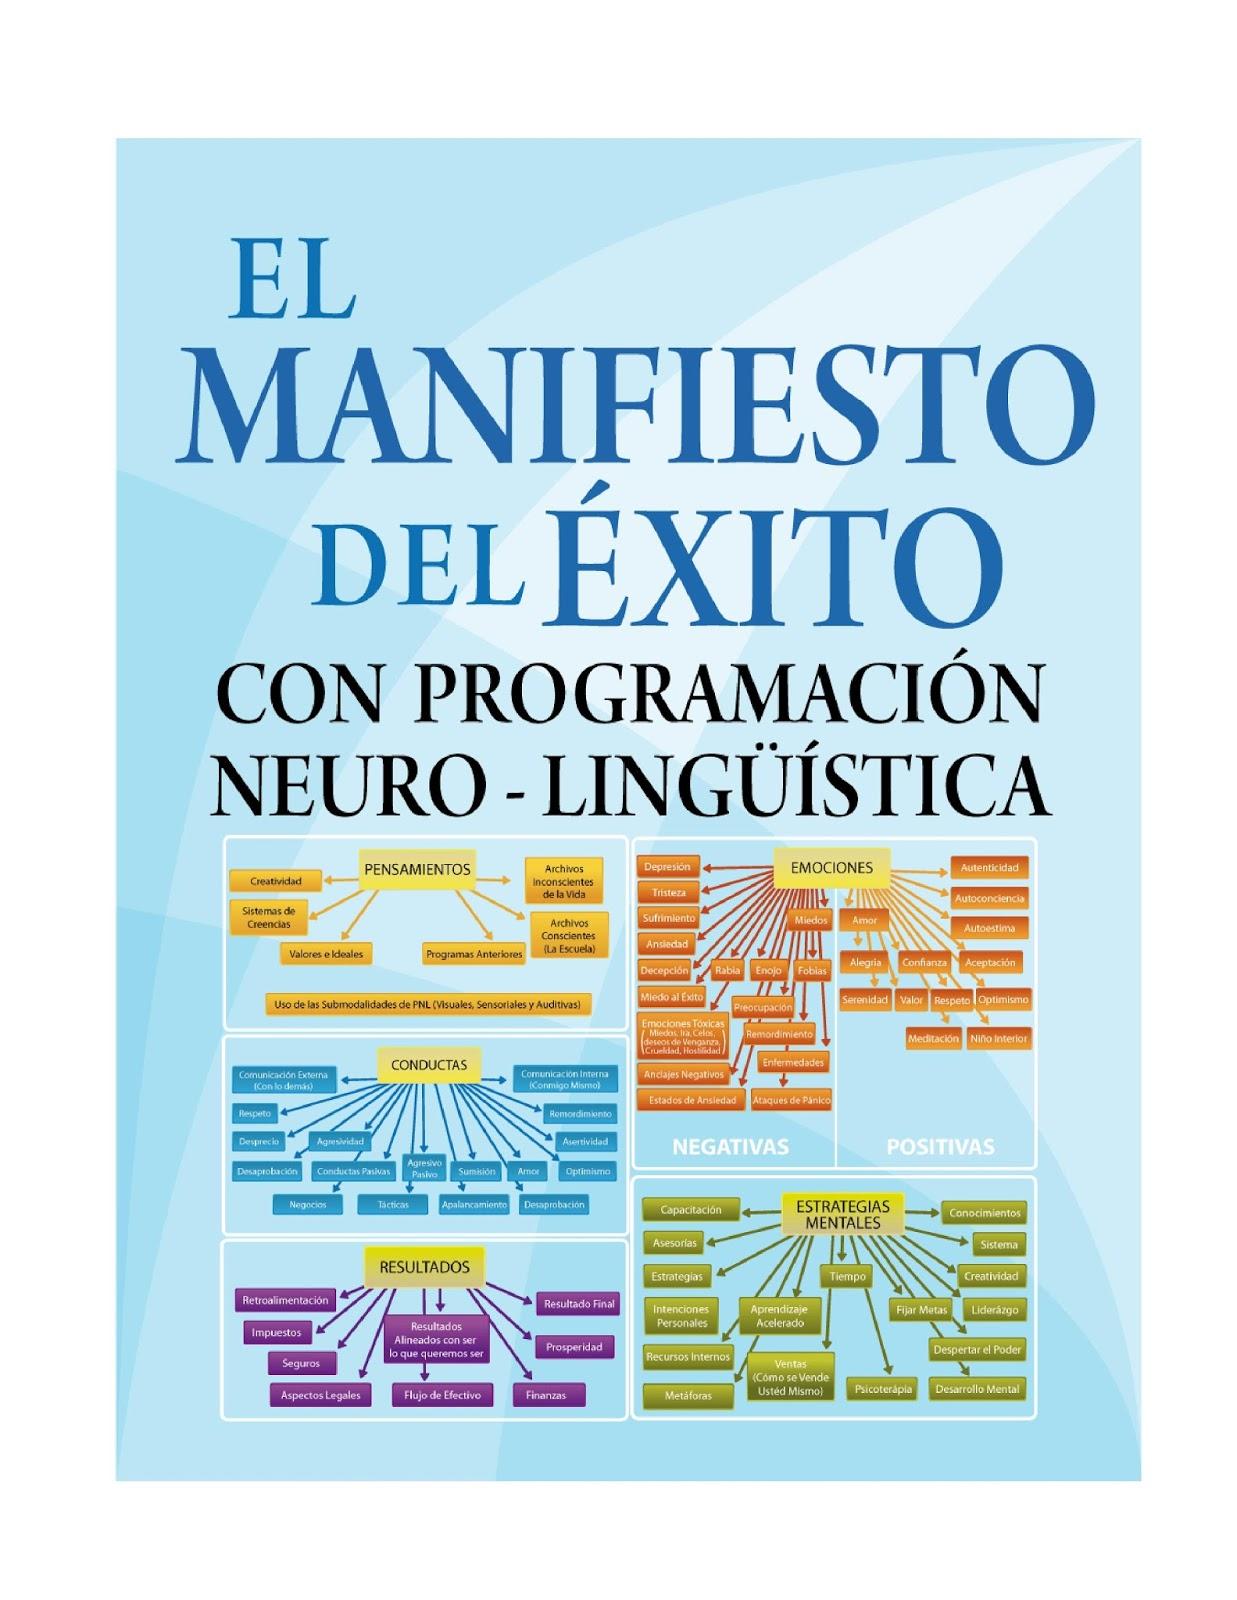 El manifiesto del éxito: Con la programación Neuro-Lingüística